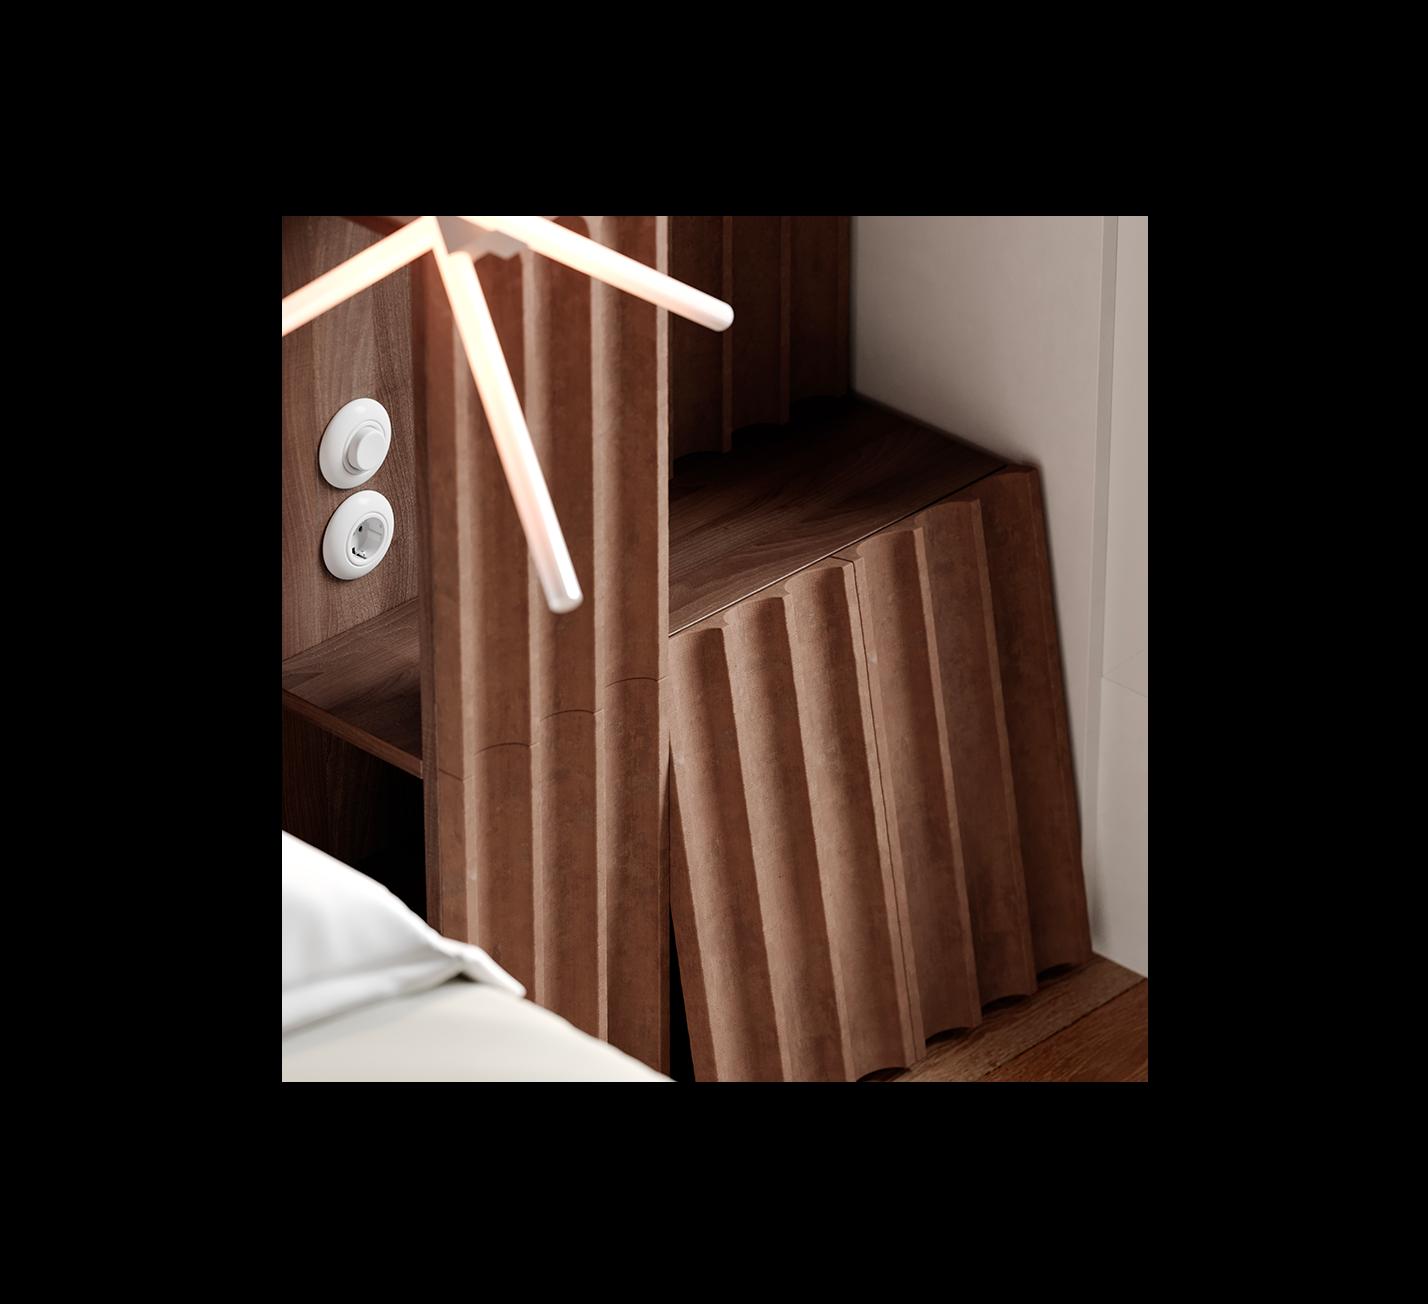 Appartement-Mansart-paris-rénovation-architecture-paris-construction-atelier-steve-pauline-borgia-03